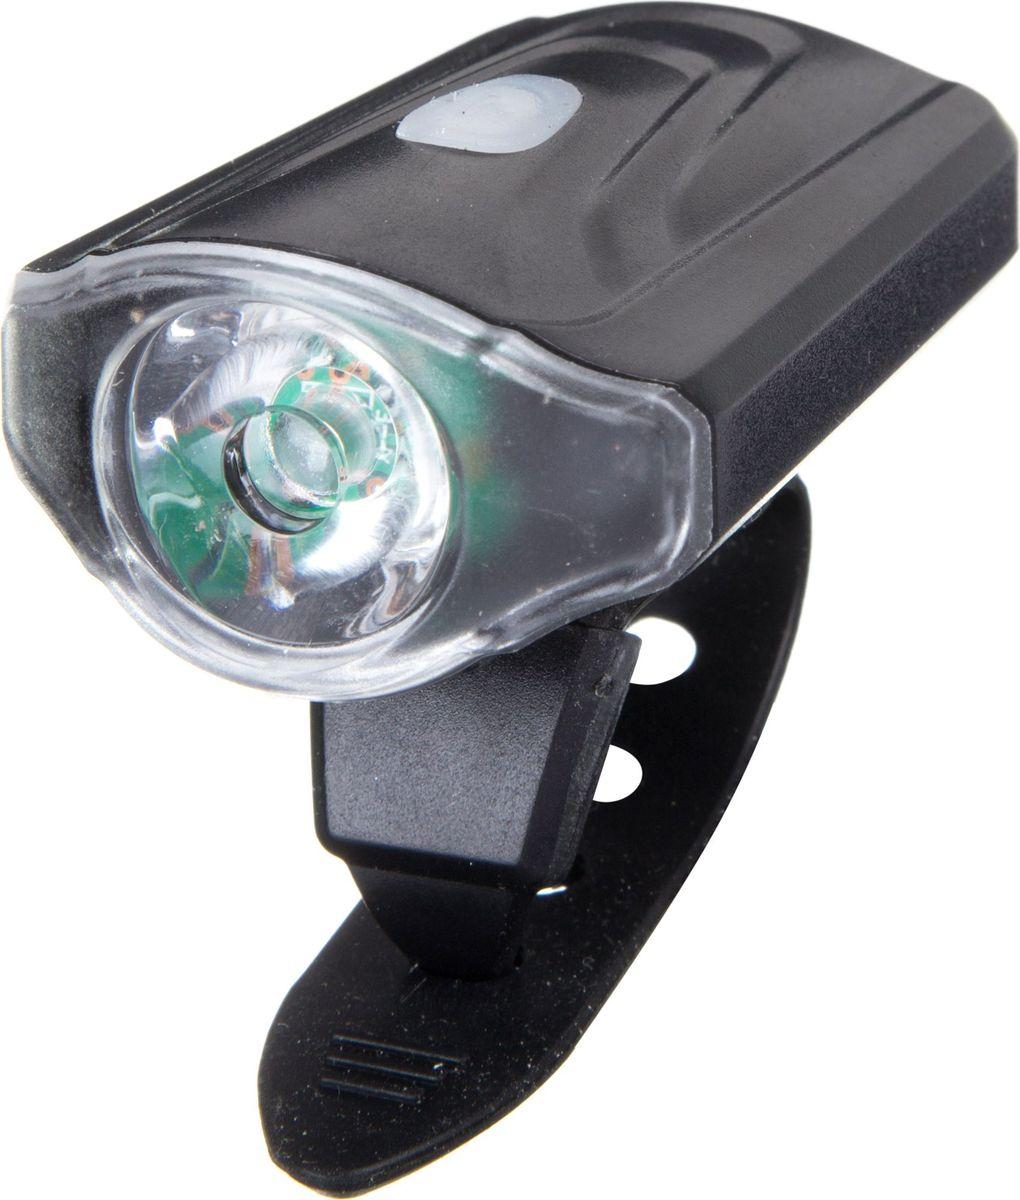 Фонарь велосипедный STG JY7043, передний, с зарядкой от USBХ81482Передний велофонарь STG JY7043 предназначен для обеспечения большей безопасности при поездках в темное время суток. Он легко крепится и снимается без дополнительных инструментов. Корпус изделия выполнен из прочного алюминия, пластика и резины. Фонарь имеет 3 режима: 100% свечение (5 часа), 50% свечение (10часа), мерцание (15 часа). Фонарь питается от литиевой батарейки (3,7V/550mAh), заряжающегося от компьютера при помощи USB кабеля.Гид по велоаксессуарам. Статья OZON Гид